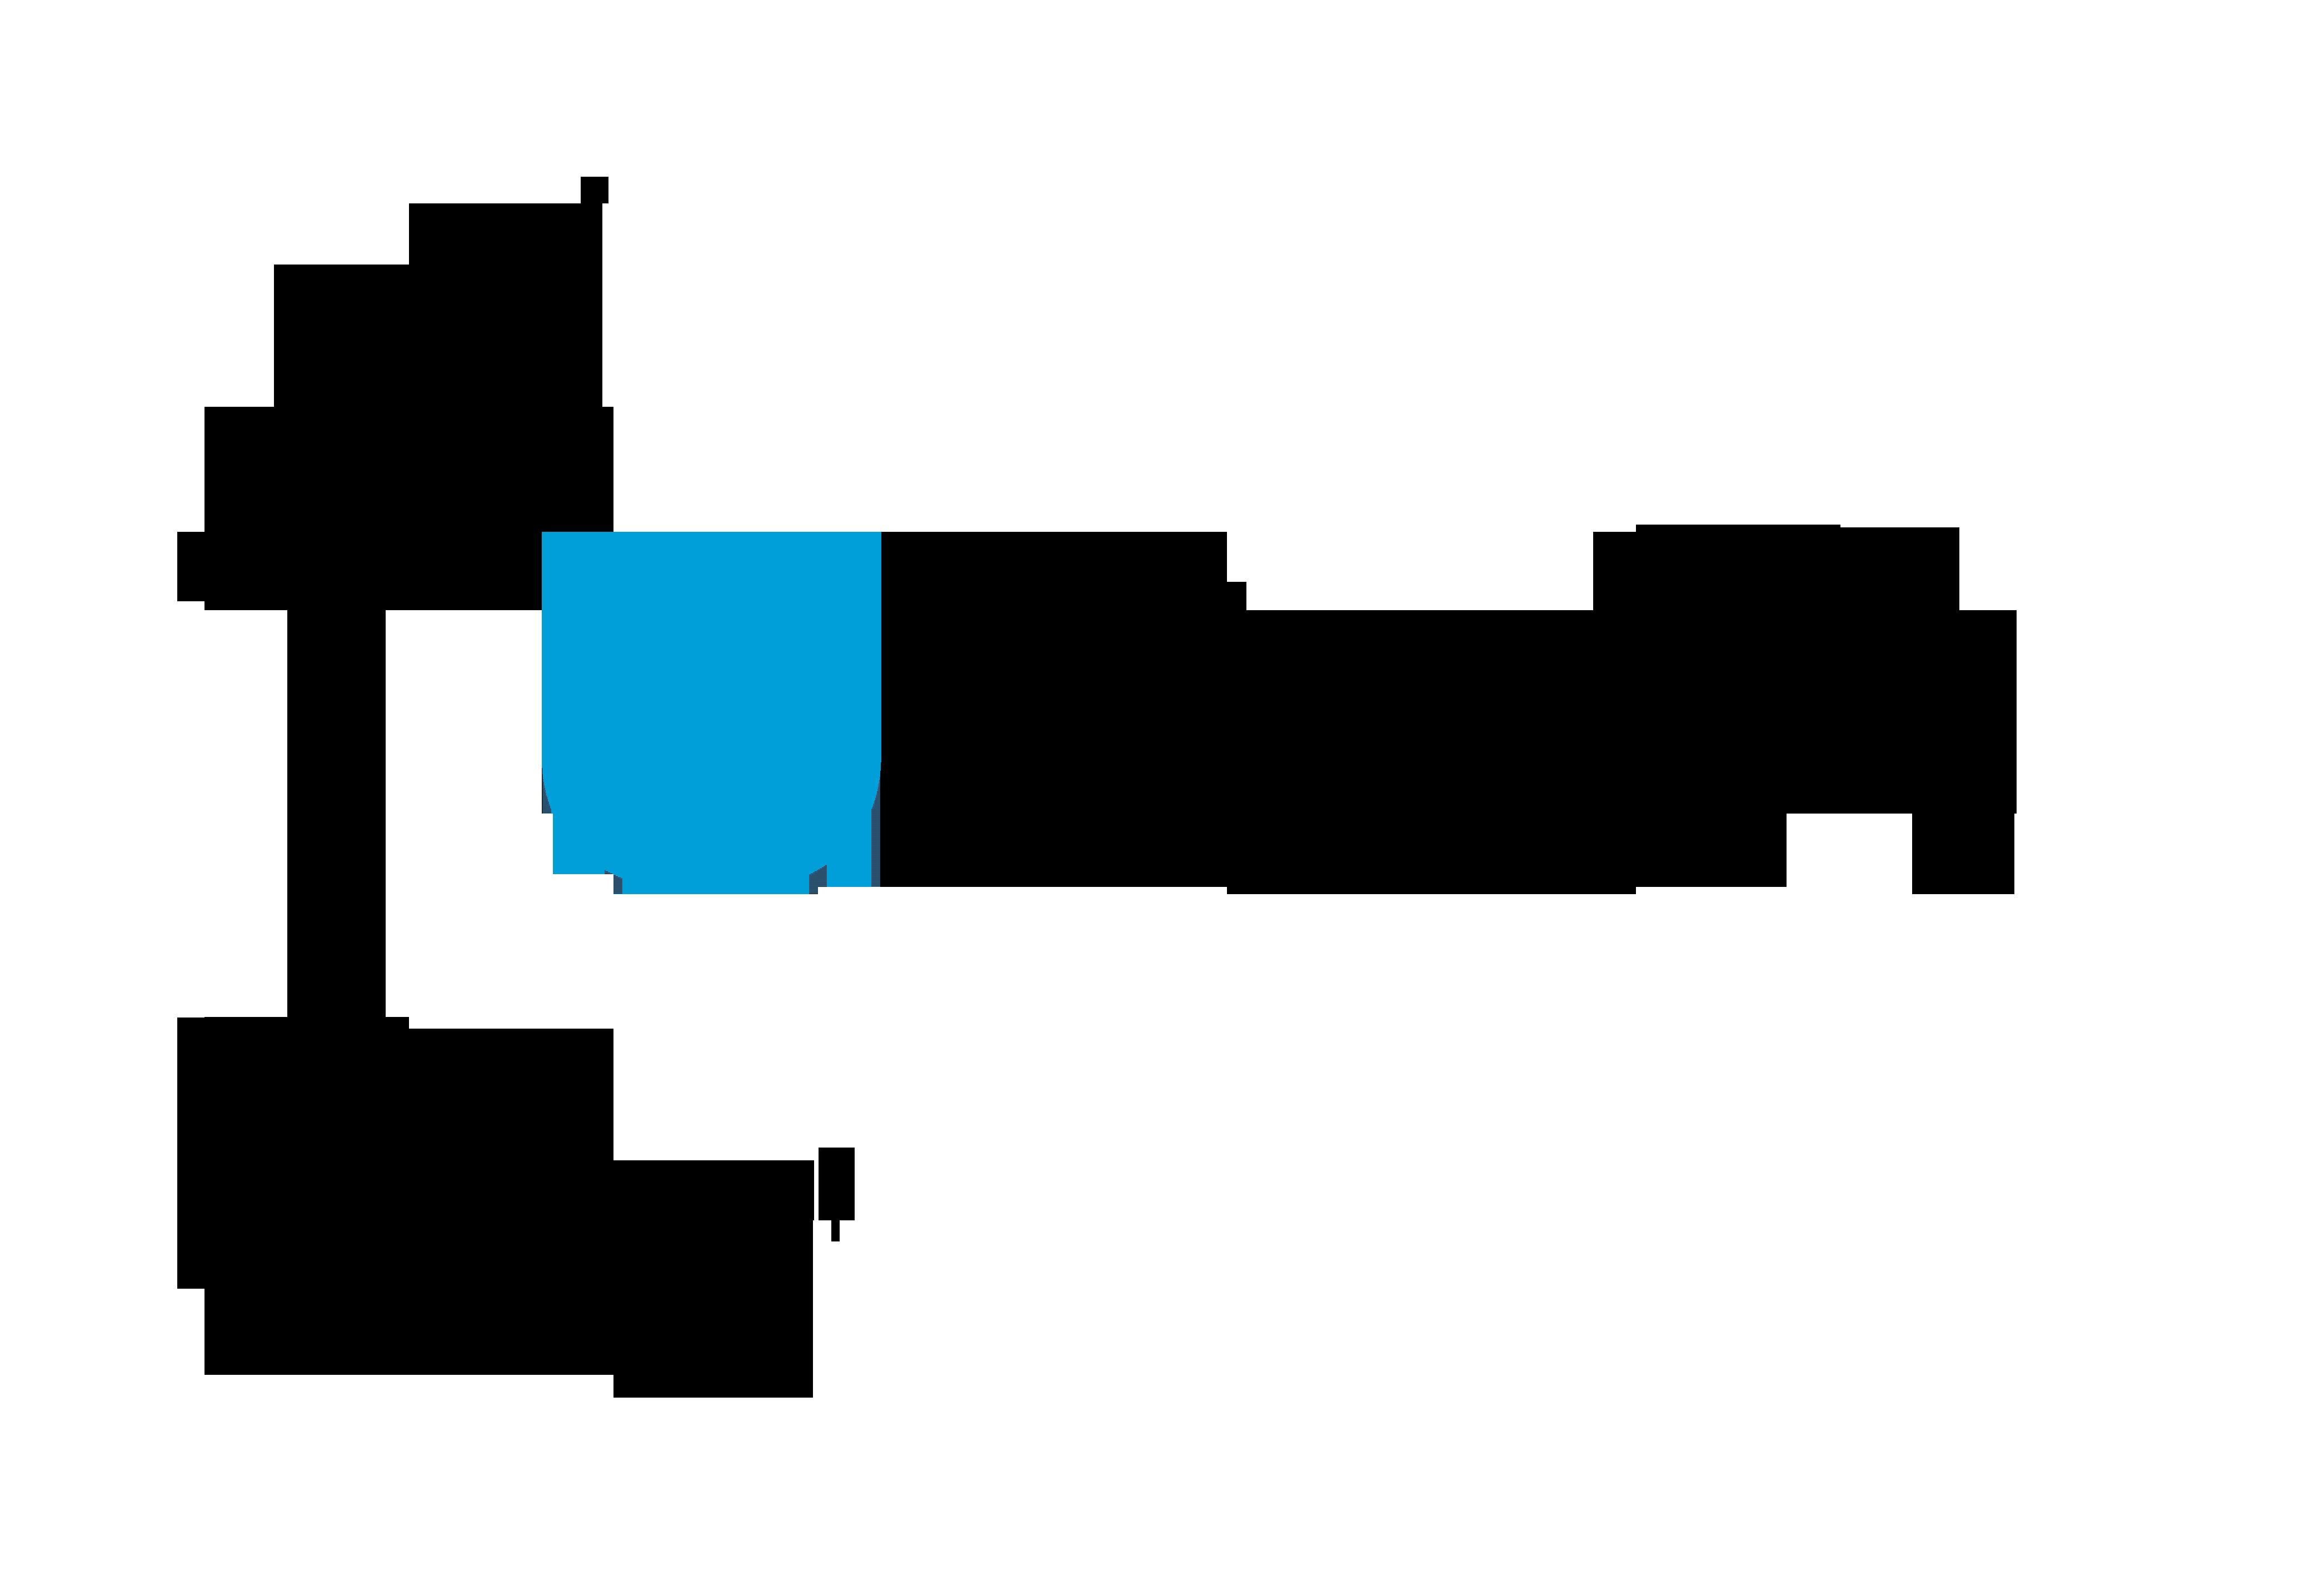 [Online] Khoá Học Miễn Phí Về Tài Chính Dự Án Từ Đại Học Công Nghệ Delft Năm 2018